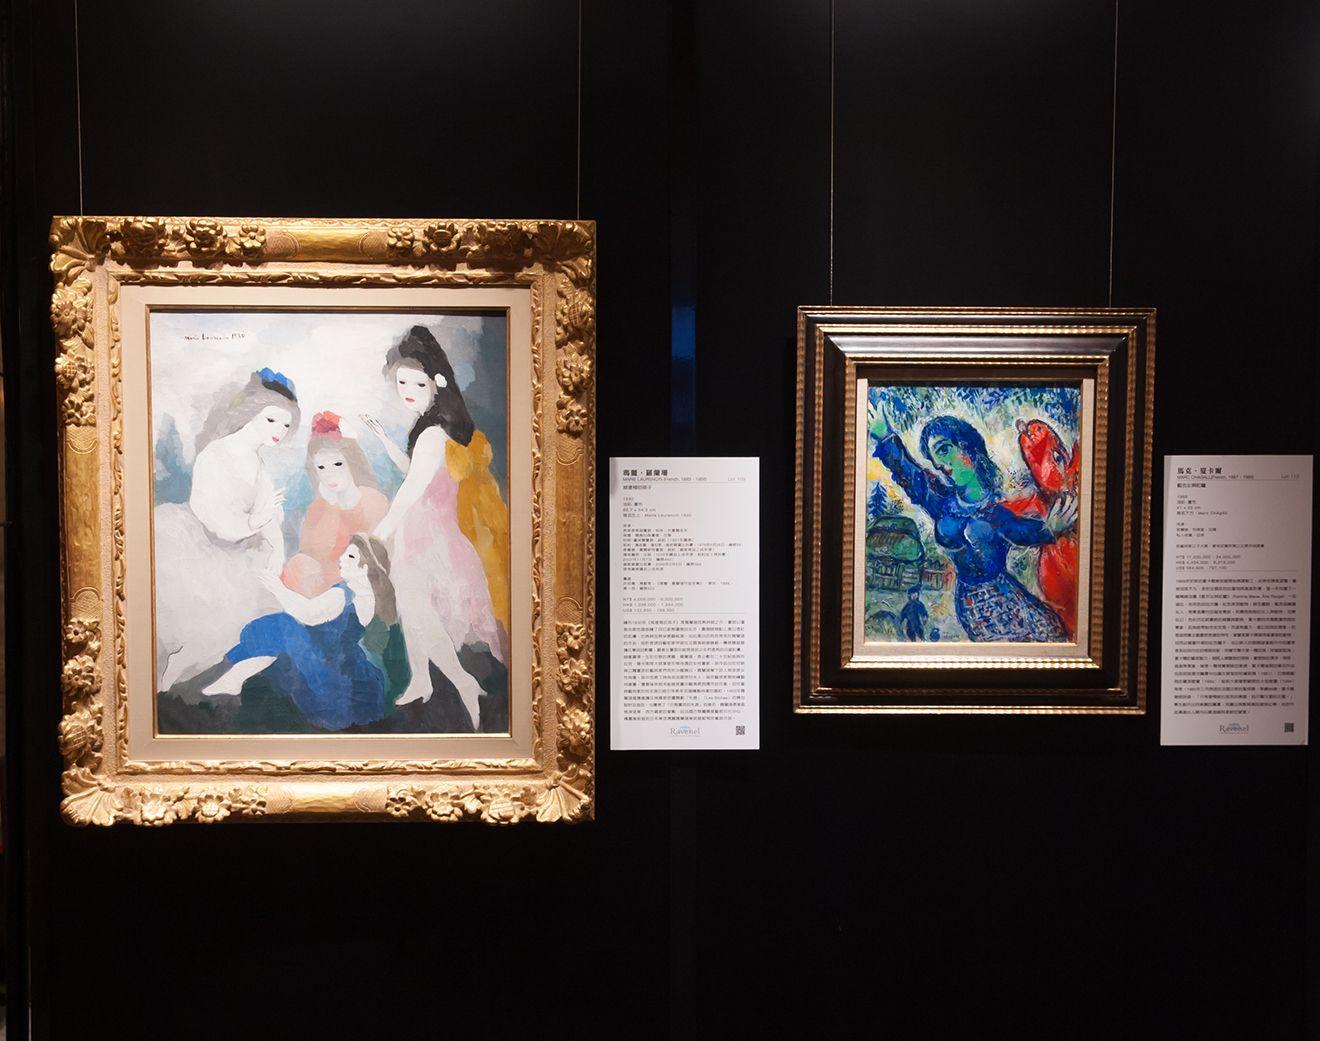 羅芙奧展出夏卡爾與瑪麗·羅蘭珊的畫作